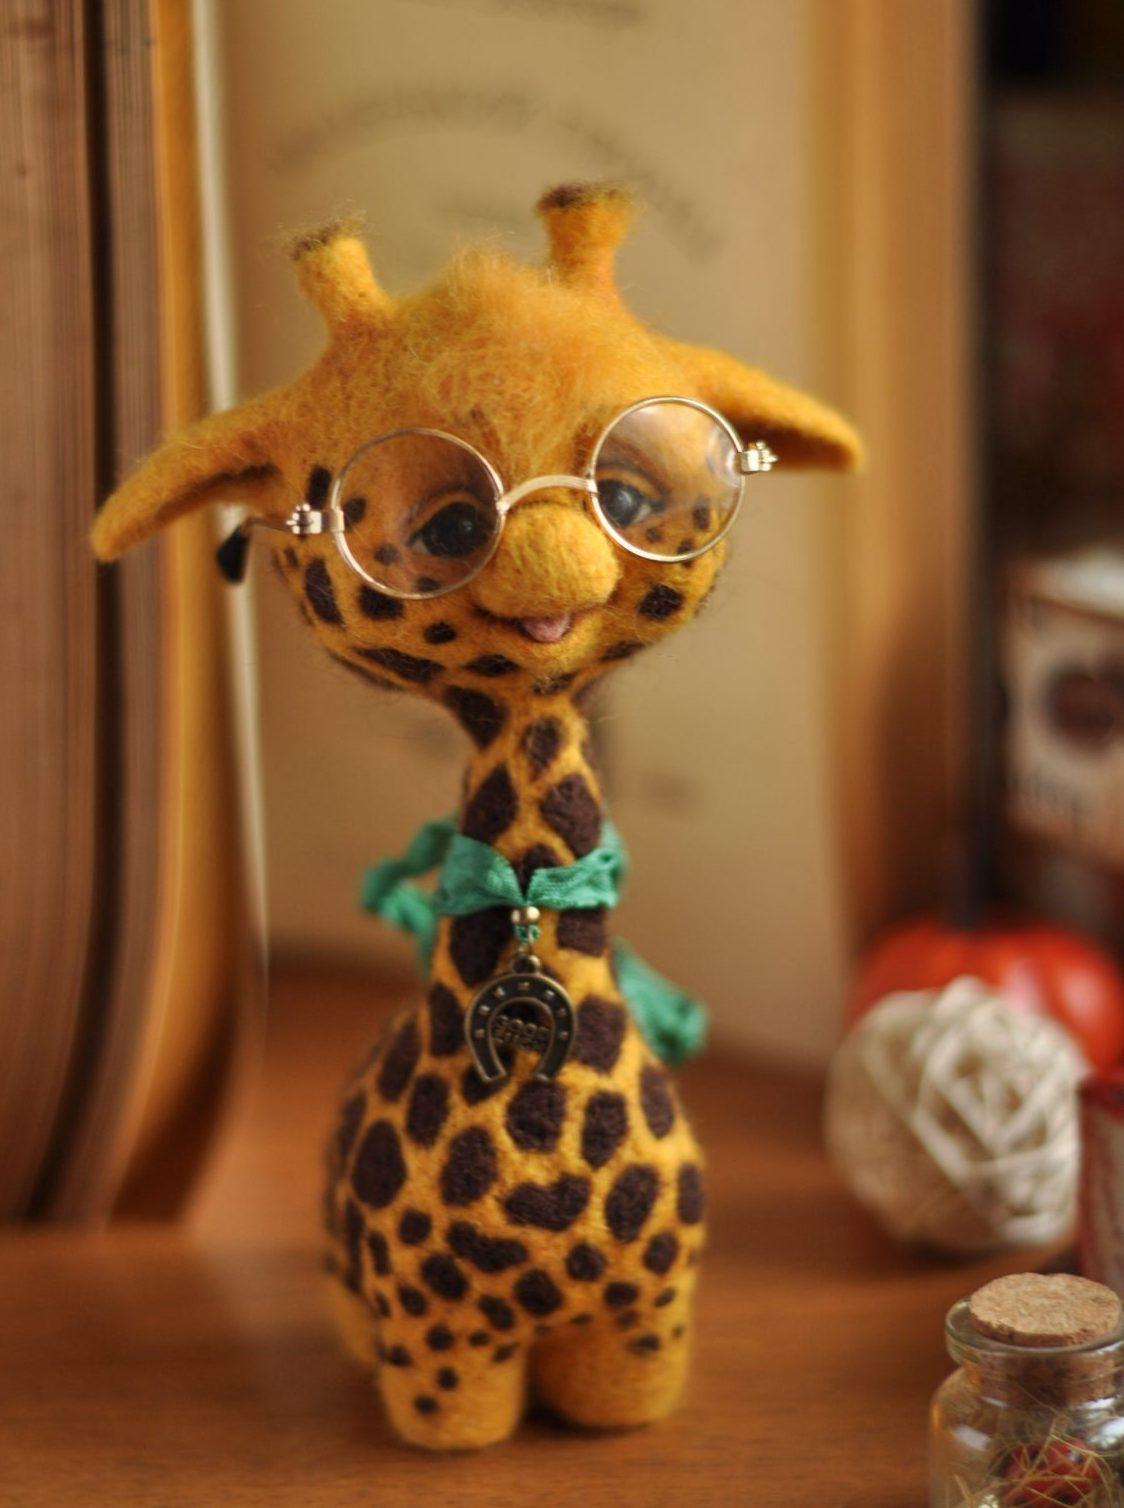 Талантливый Хабаровск: Элла Гембаровская создает необычные игрушки из шерсти (ФОТО)